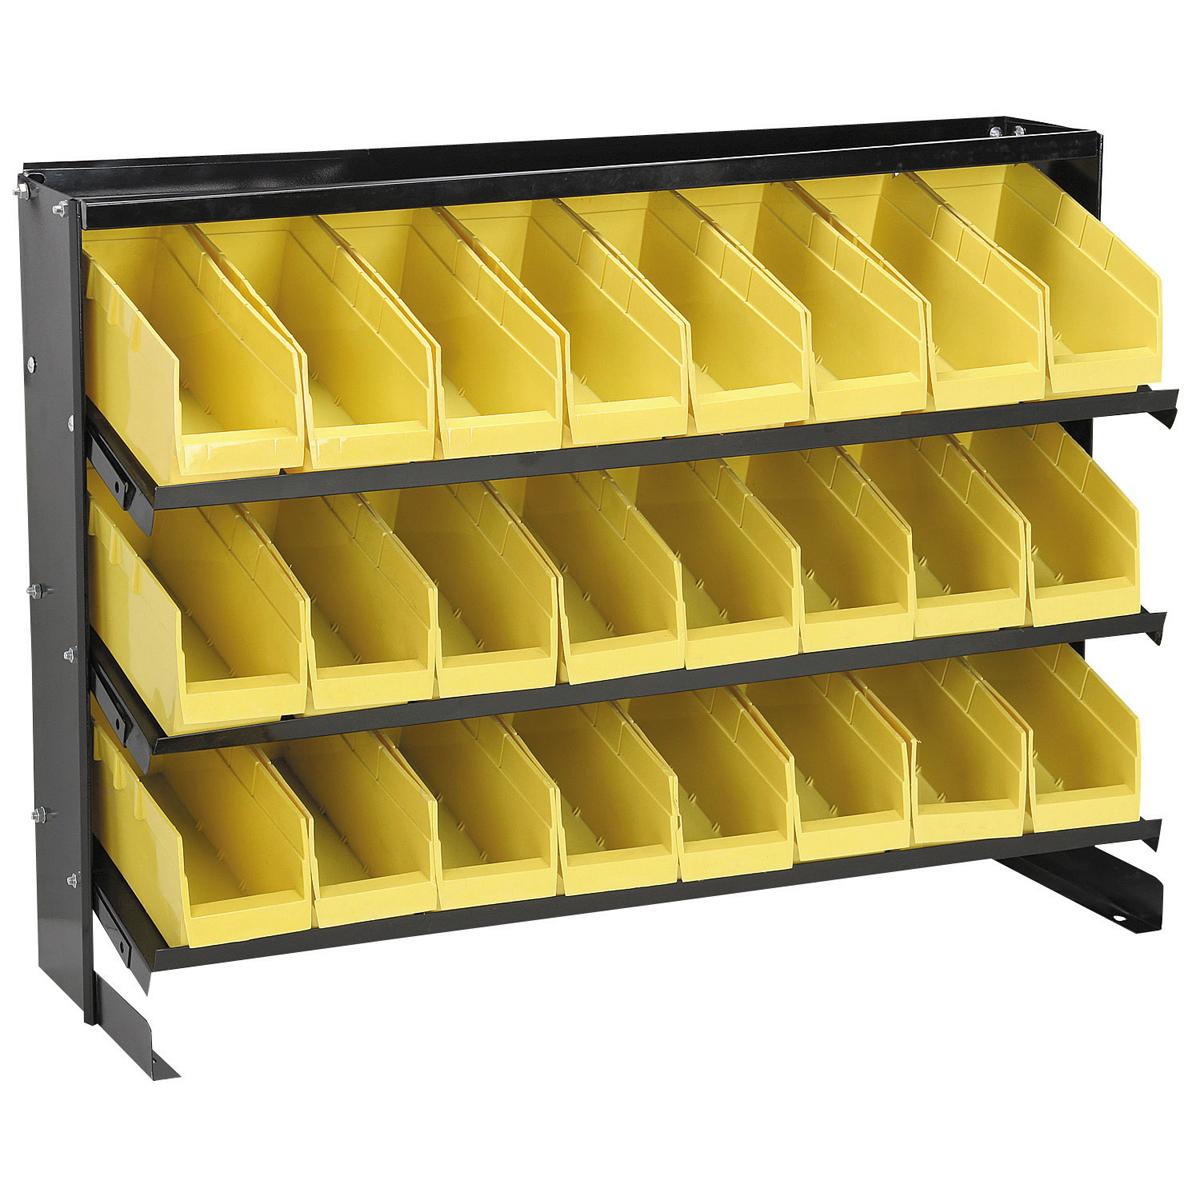 24 Bin Bench Top Parts Rack